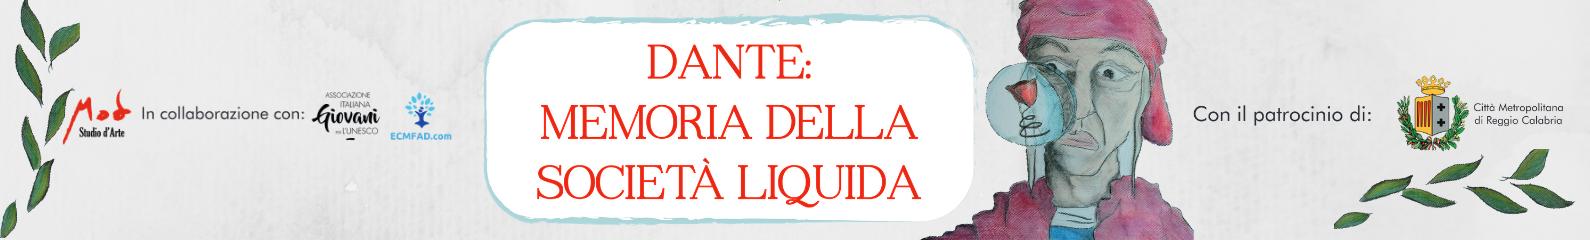 Dante: Memoria della società liquida